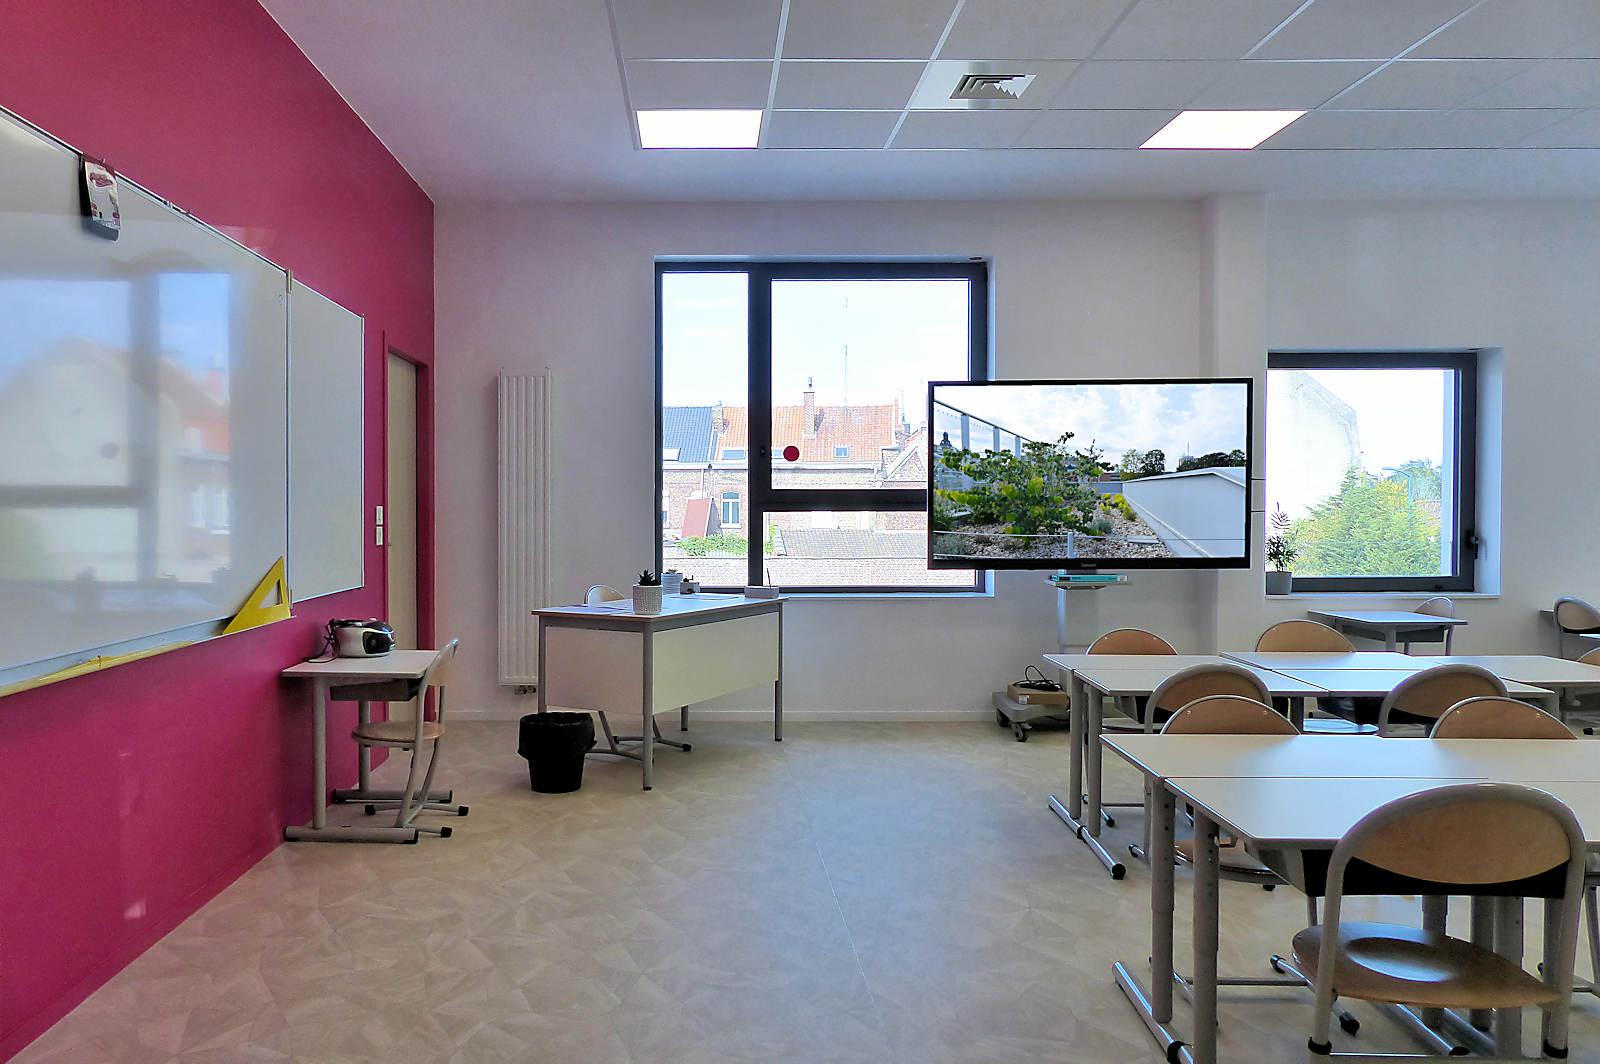 École de Gaulle, Tourcoing - Salle de classe